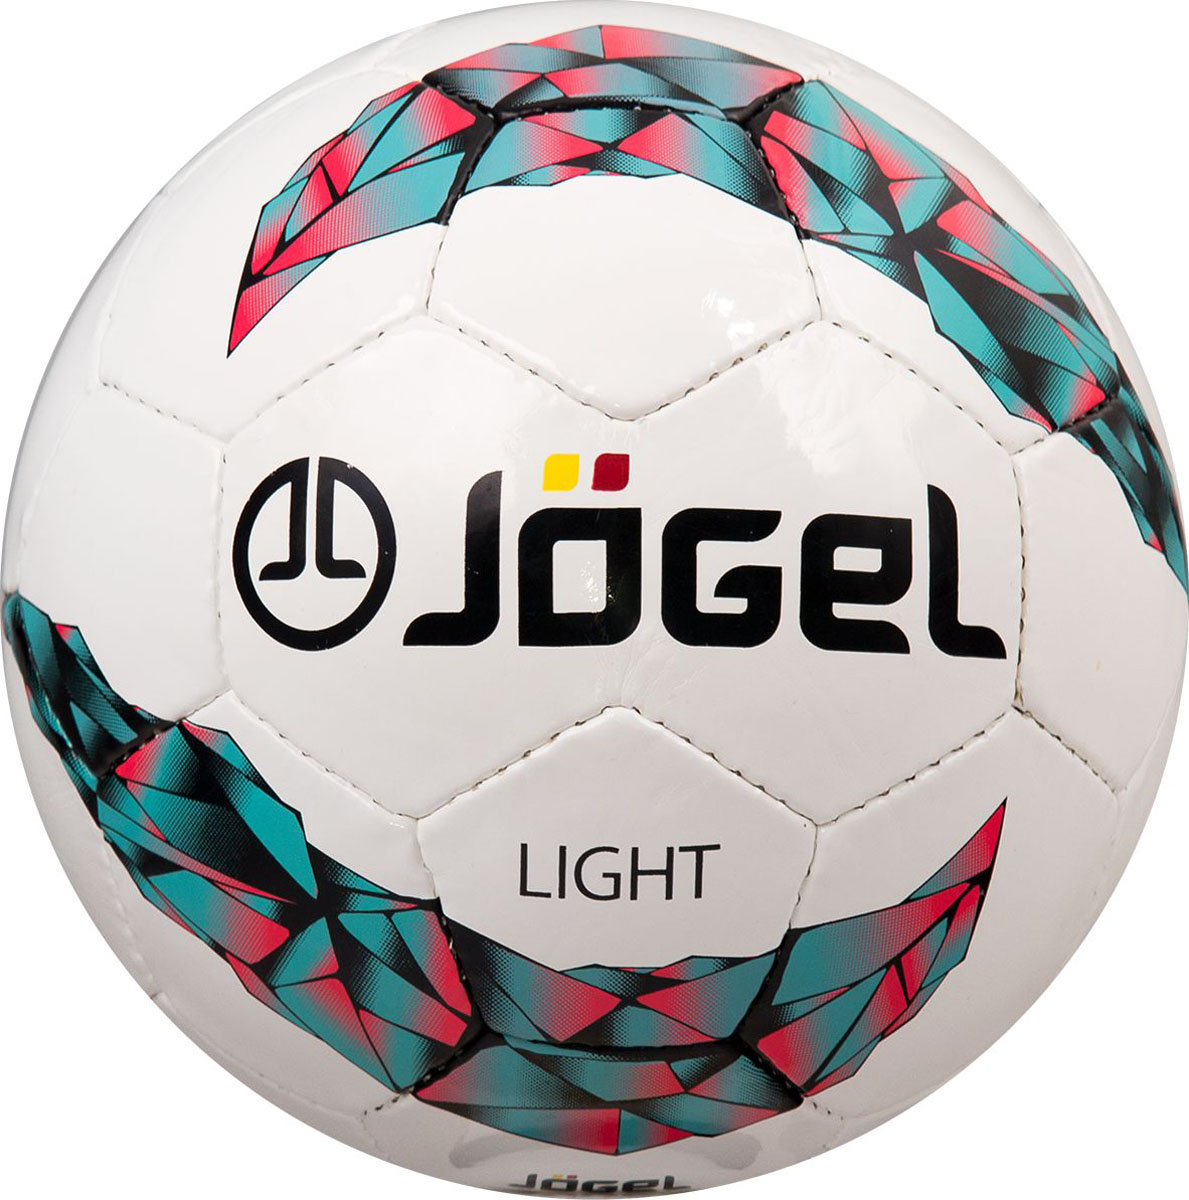 Мяч футбольный Jogel Light, цвет: белый. Размер 5. JS-550УТ-00009688Jogel JS-550 Light №5 - это облегченный мяч ручной сшивки, предназначенный для подростков 10-14 лет. Вес данного мяча составляет 350-370 г, что меньше веса стандартного мяча размера №5 (410-450 г). По своим техническим характеристикам является практически полным аналогом мяча Derby. Мяч JS-550 Light рекомендован детскими тренерами и соответствует всем требованиям тренировочного процесса для игроков подросткового возраста. Поверхность мяча выполнена из глянцевой синтетической кожи (полиуретан) толщиной 1,0 мм. Мяч имеет 3 подкладочных слоя на нетканой основе (смесь хлопка с полиэстером) и оснащен латексной камерой с бутиловым ниппелем, обеспечивающим долгое сохранение воздуха в камере.Уникальной особенностью, характерной для бренда Jogel, является традиционная конструкция мячей из 30 панелей.